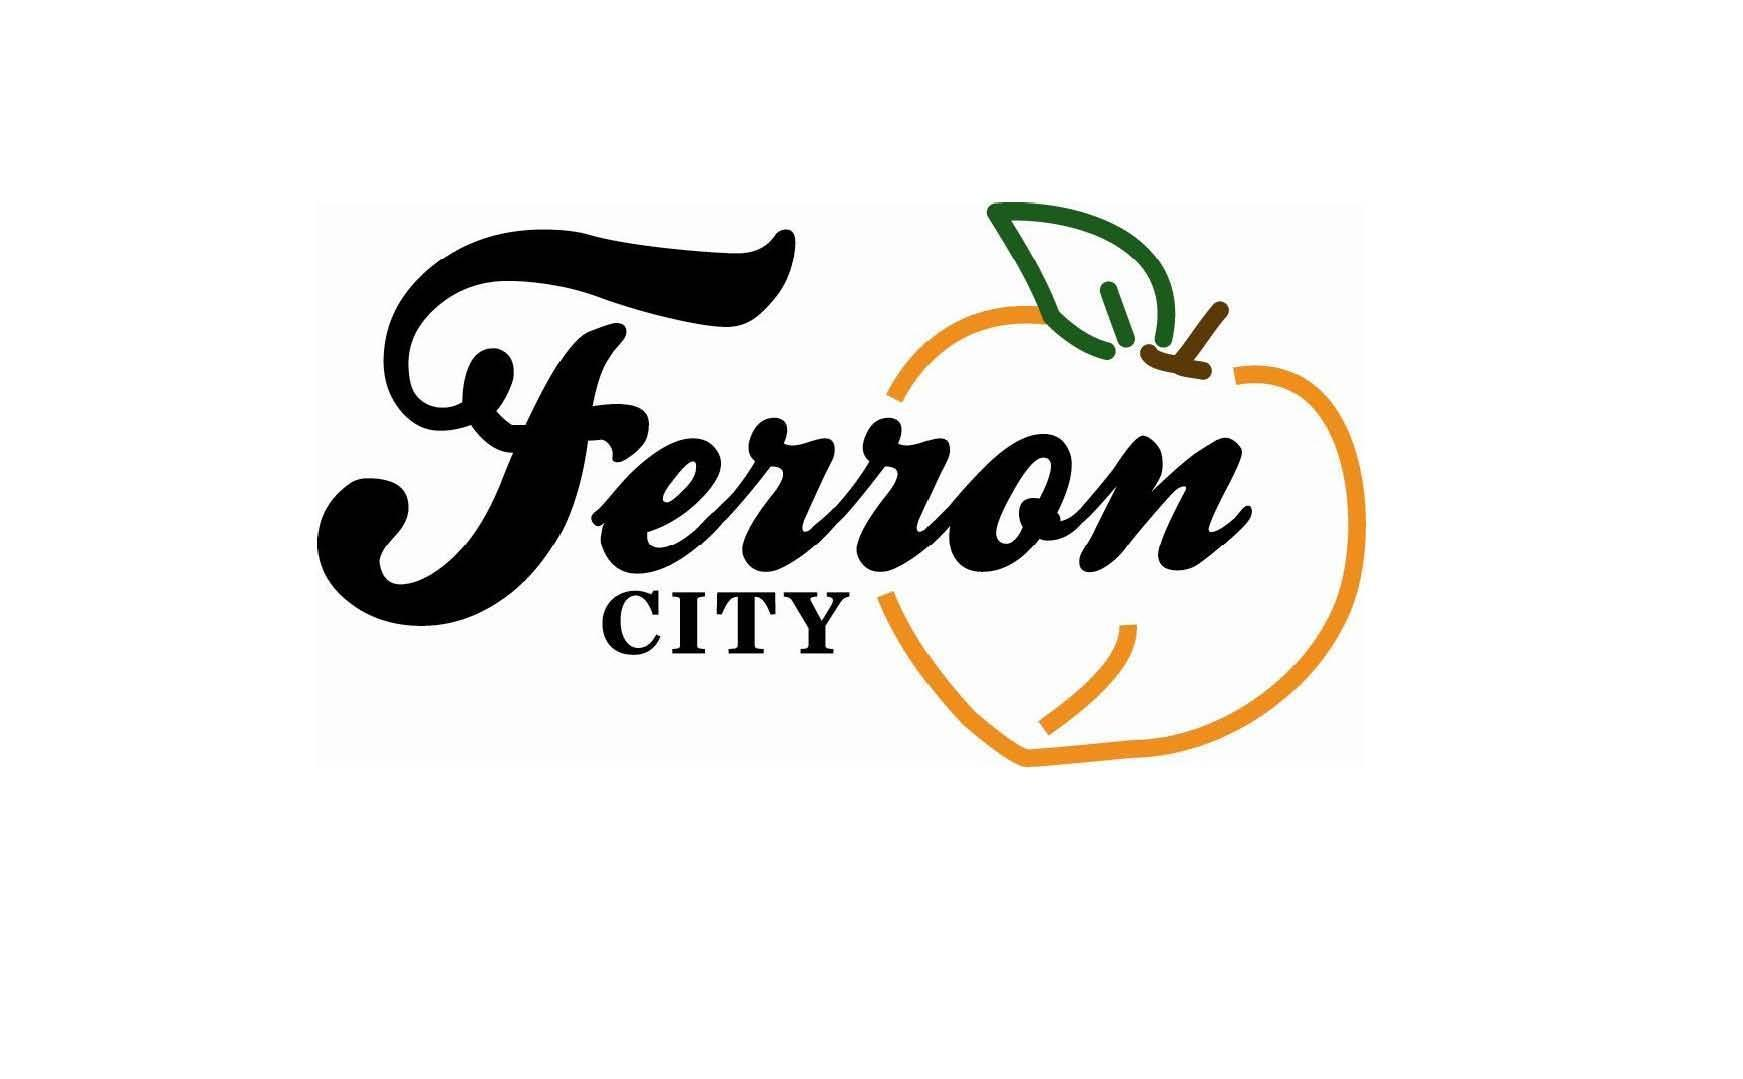 Ferron-City-Logo-2015.jpeg